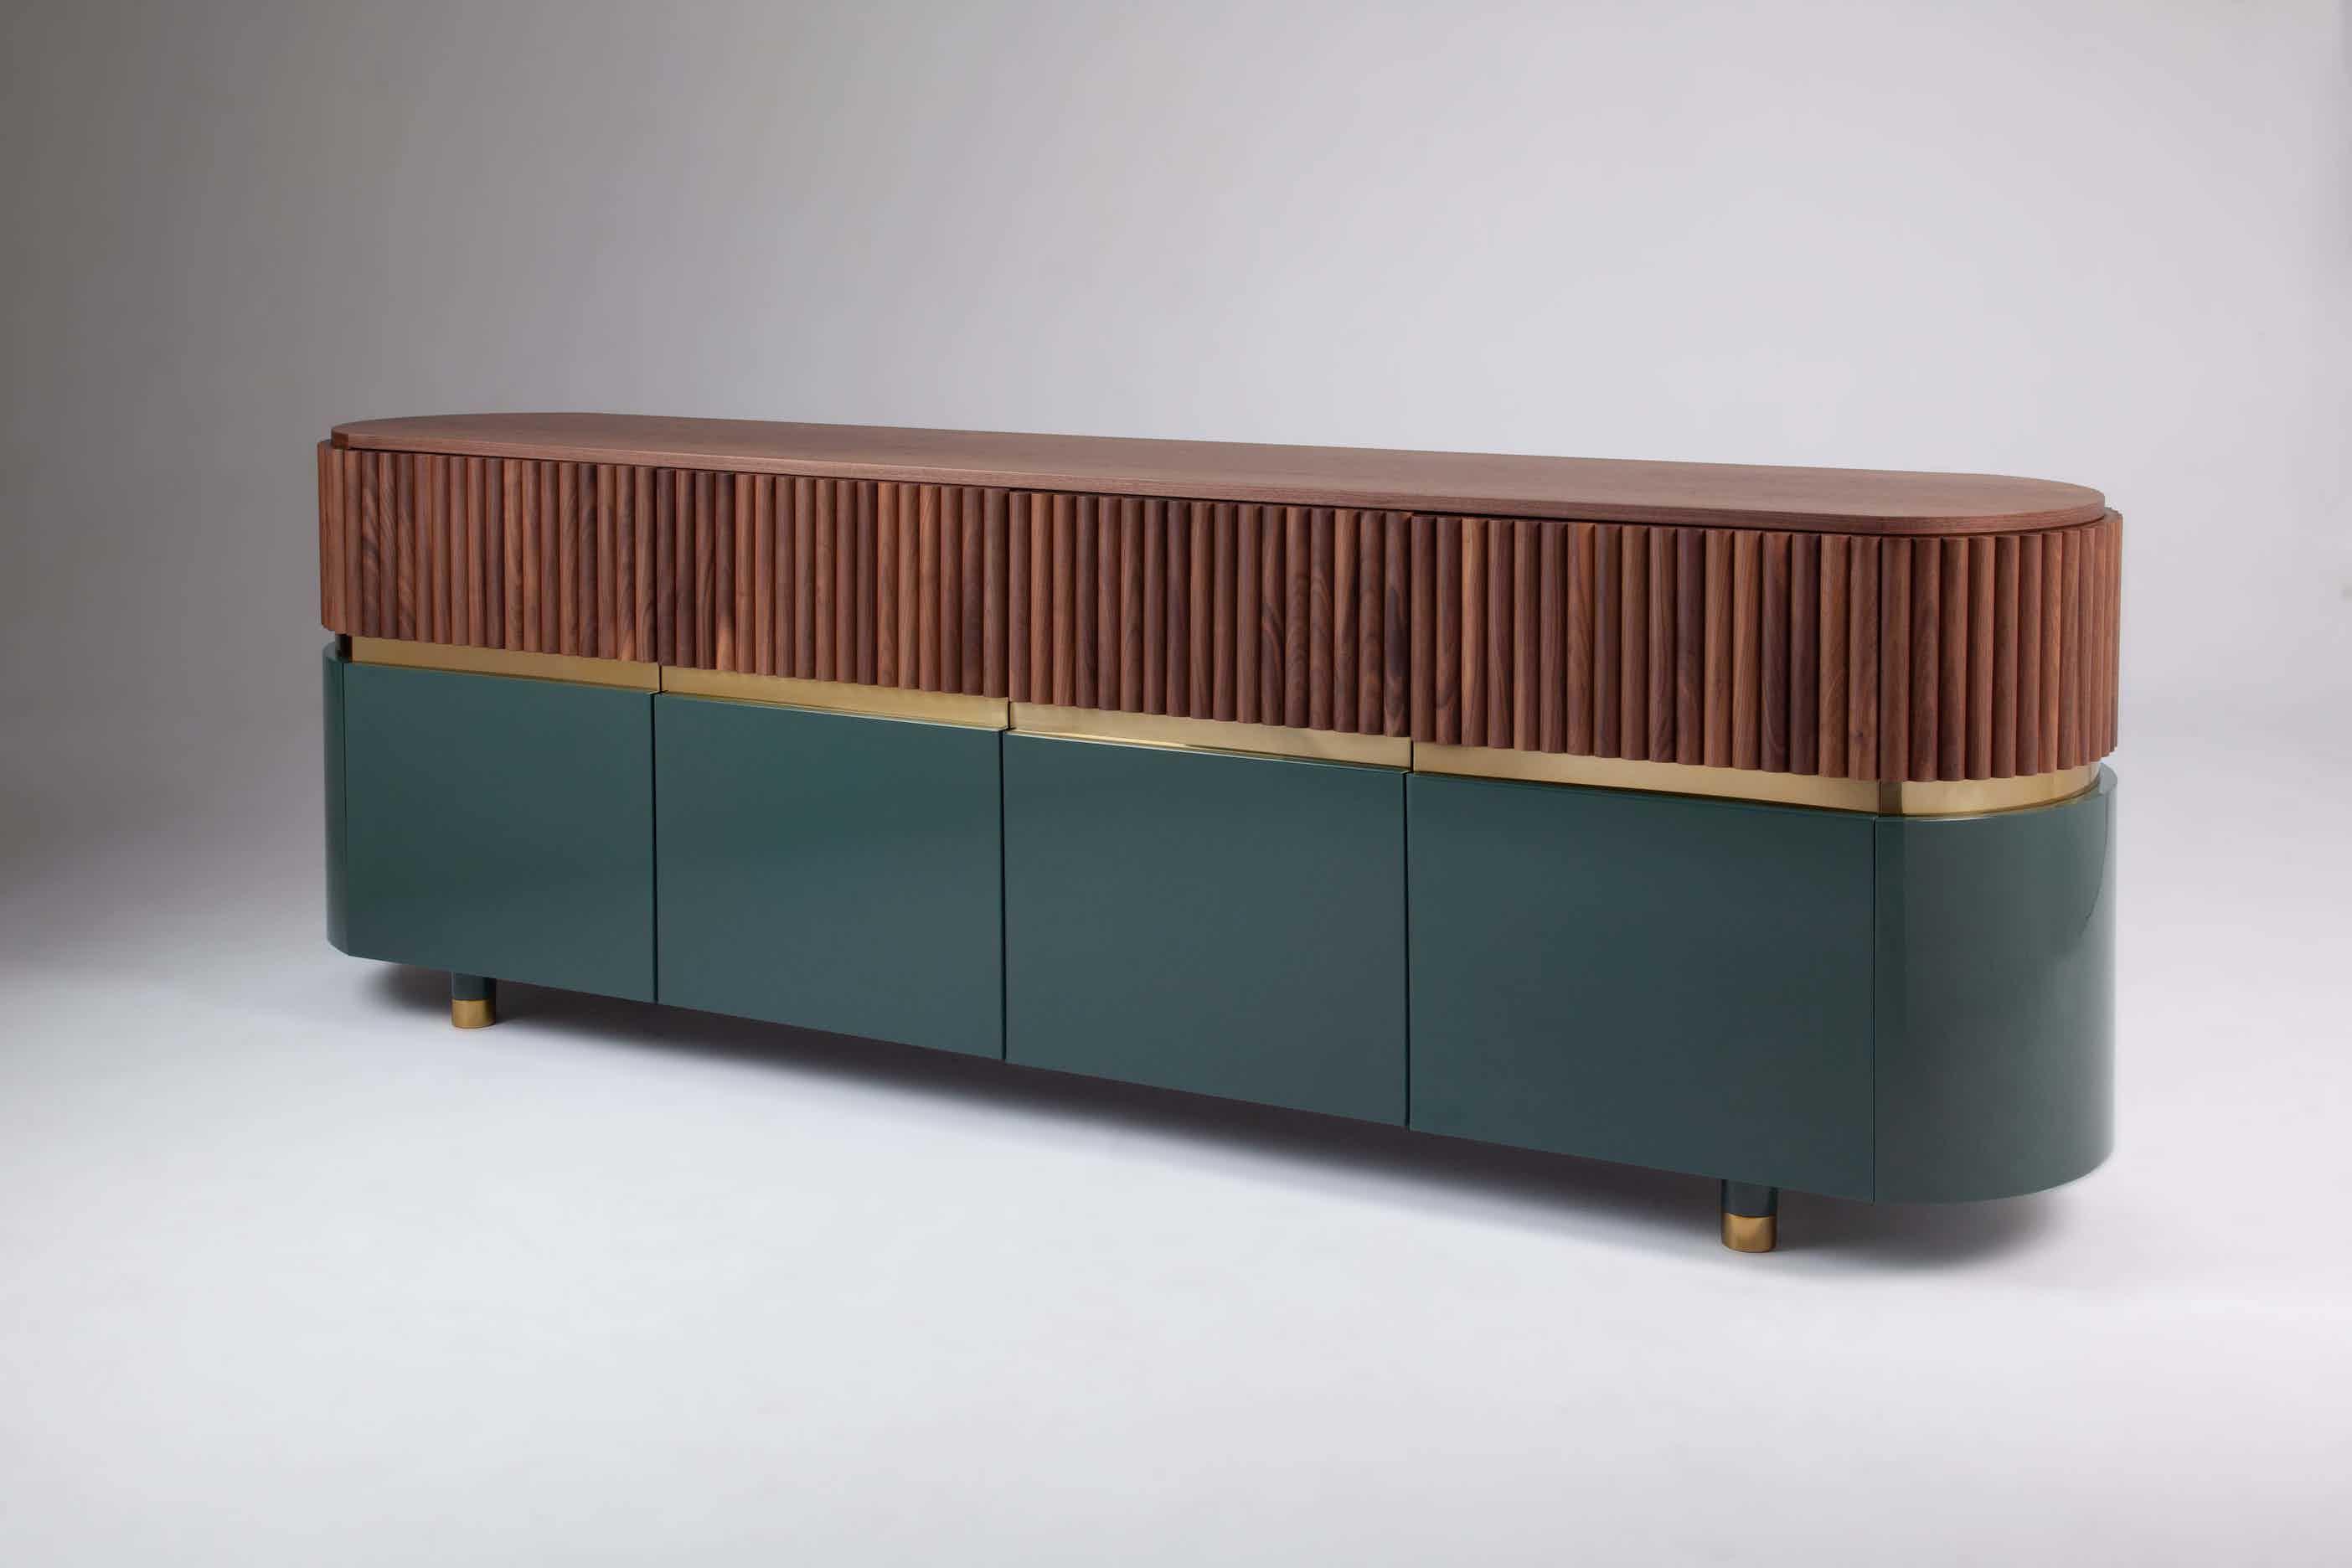 Dooq berlin sideboard green haute living